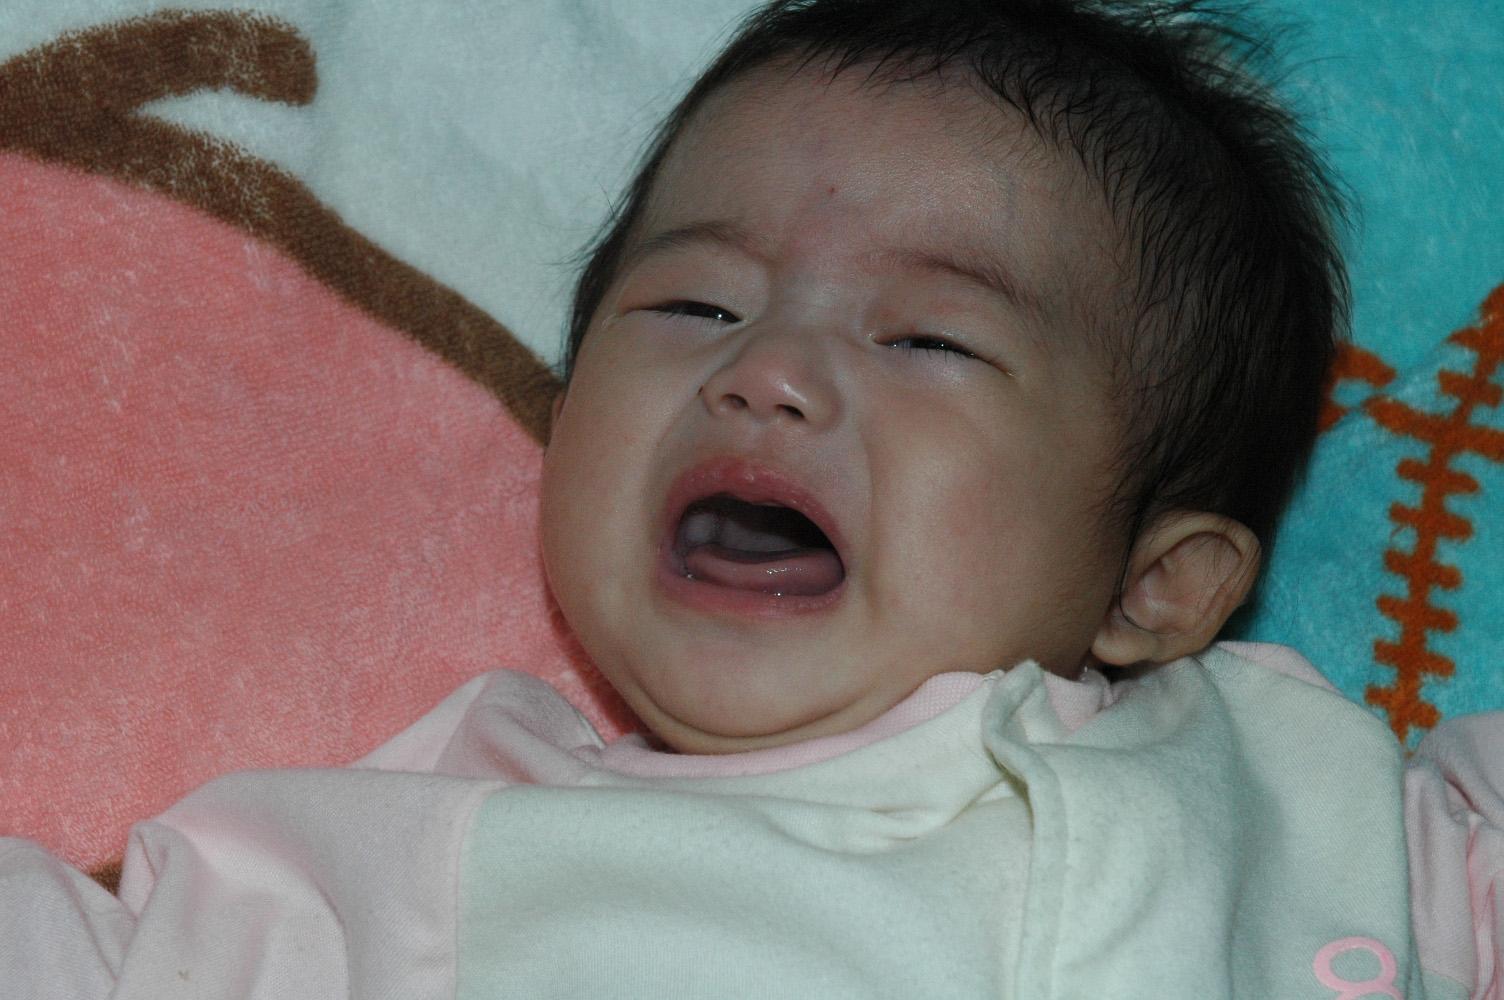 7ヶ月の赤ちゃんの夜泣きがひどいとお困りのママへ原因と対処法